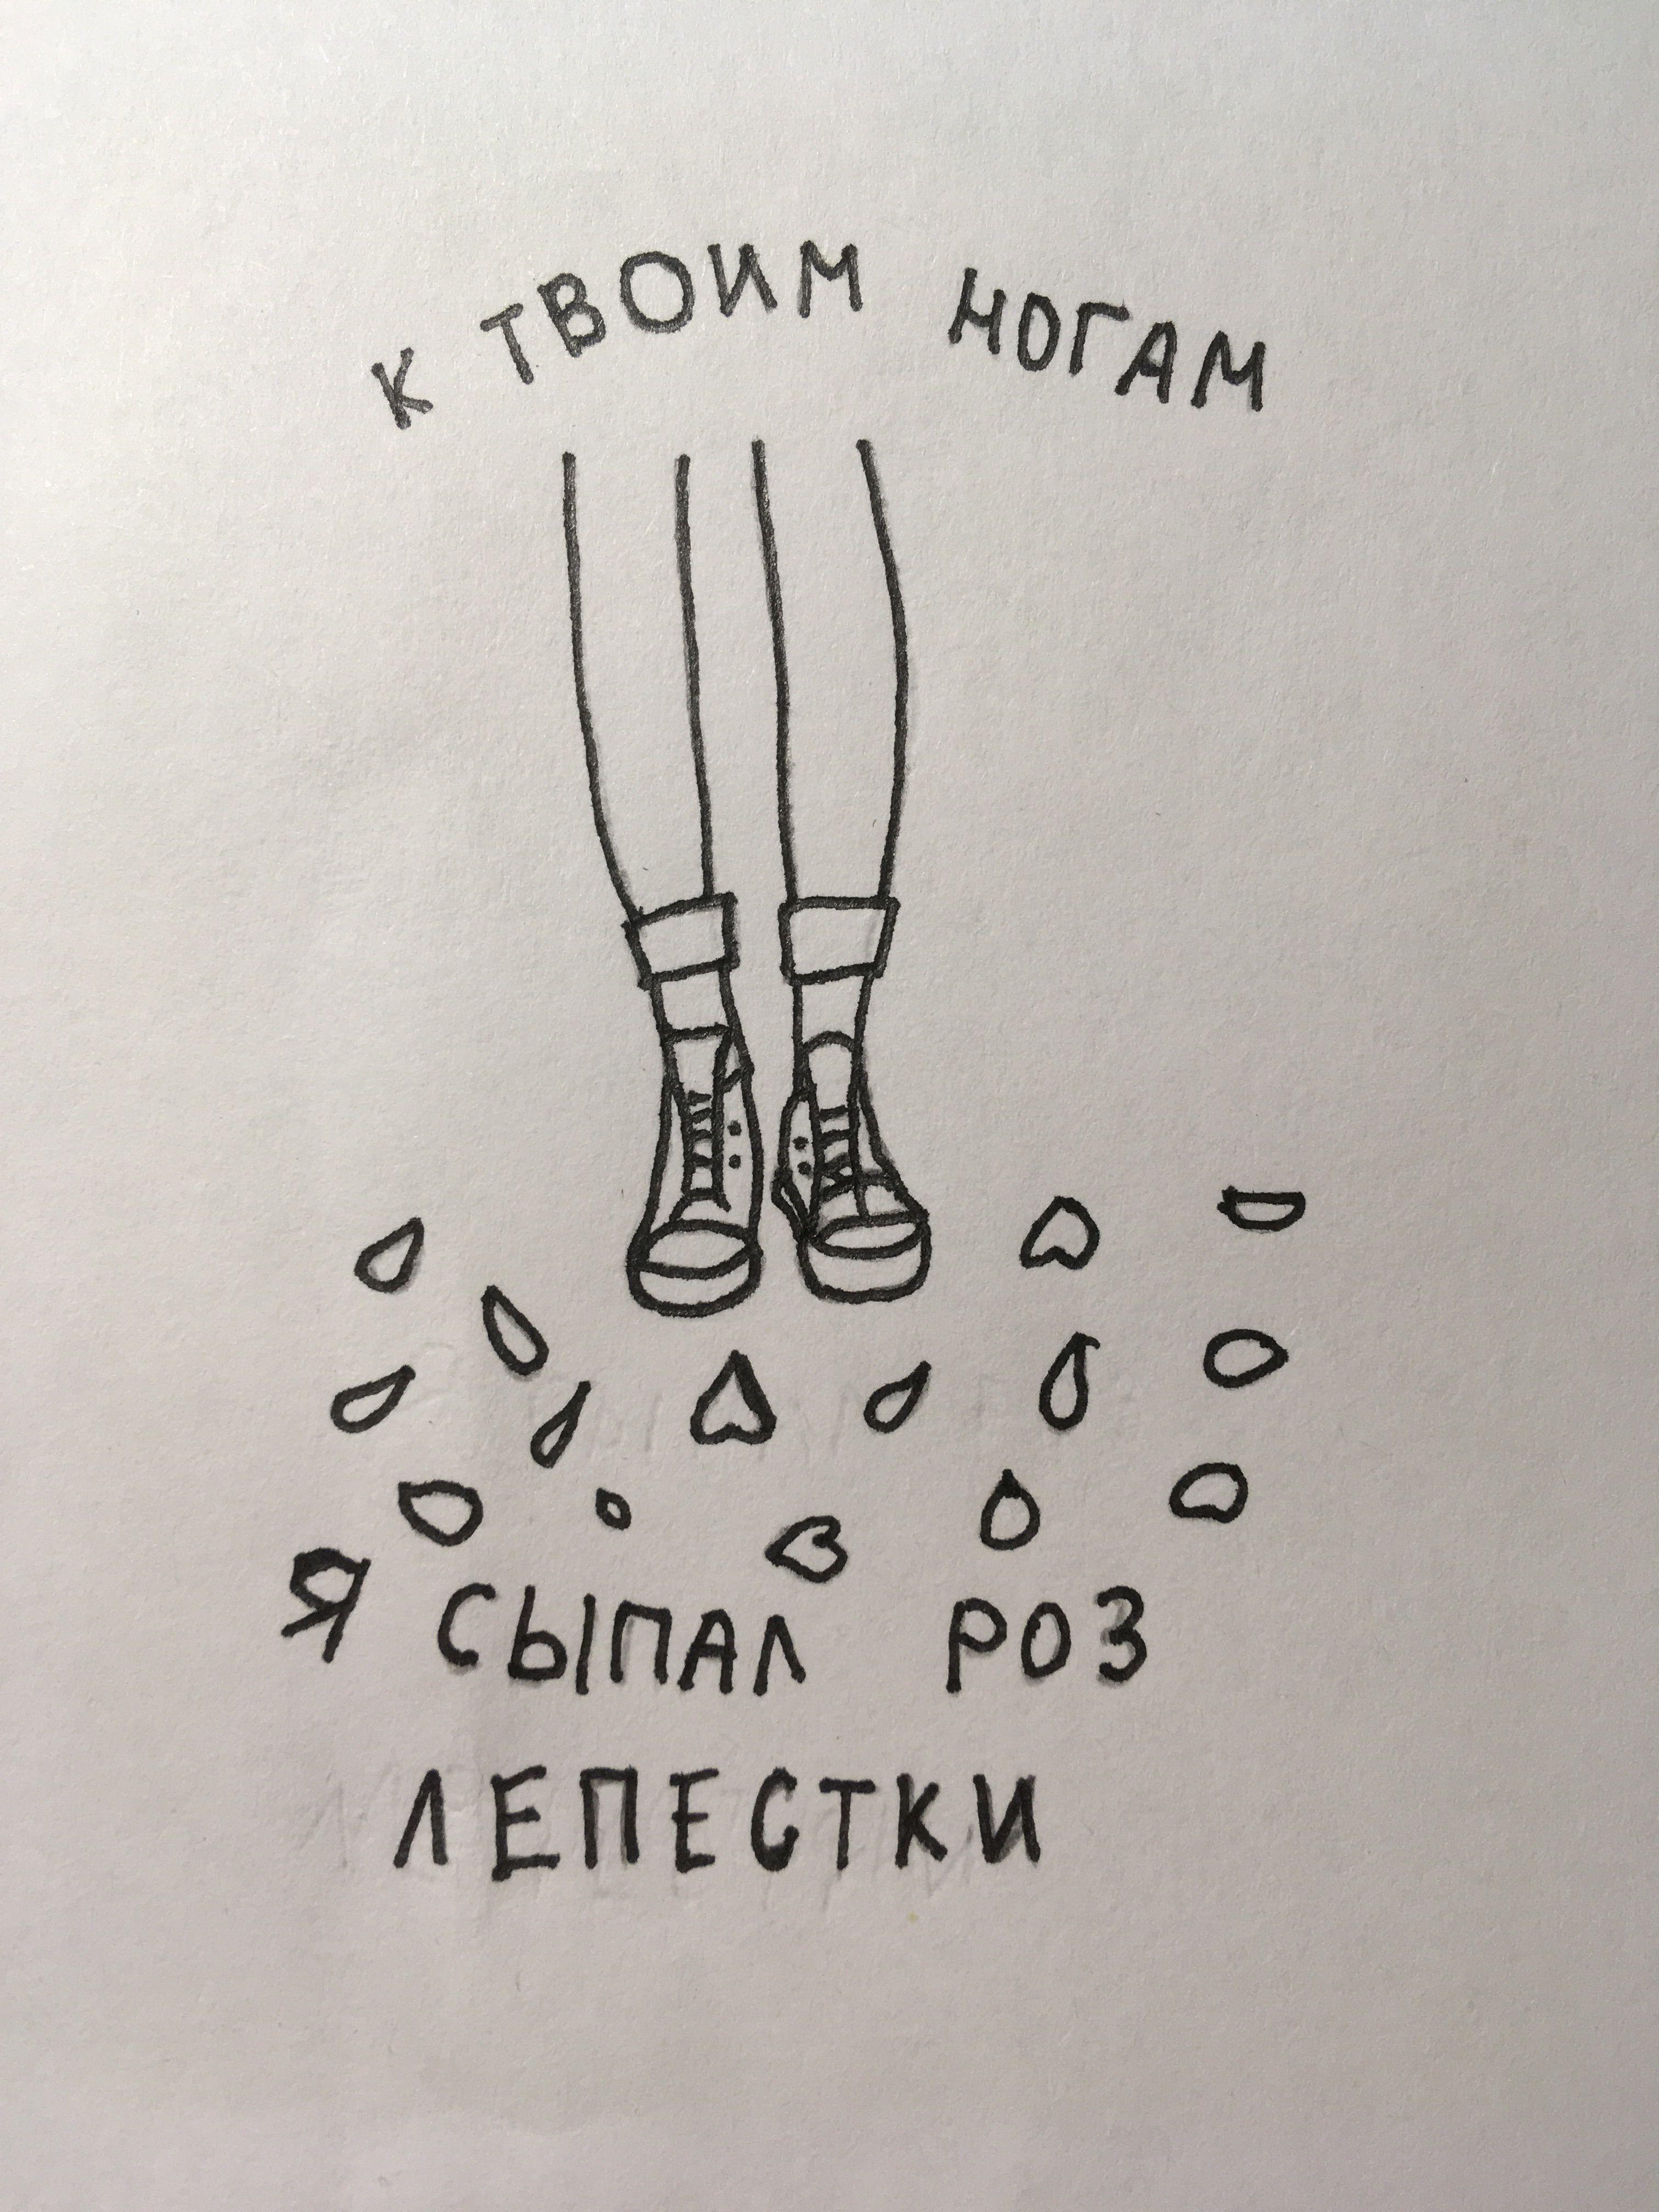 Рисунок под песню ЛСП. Набросок чёрной ручкой | Рисунок ...